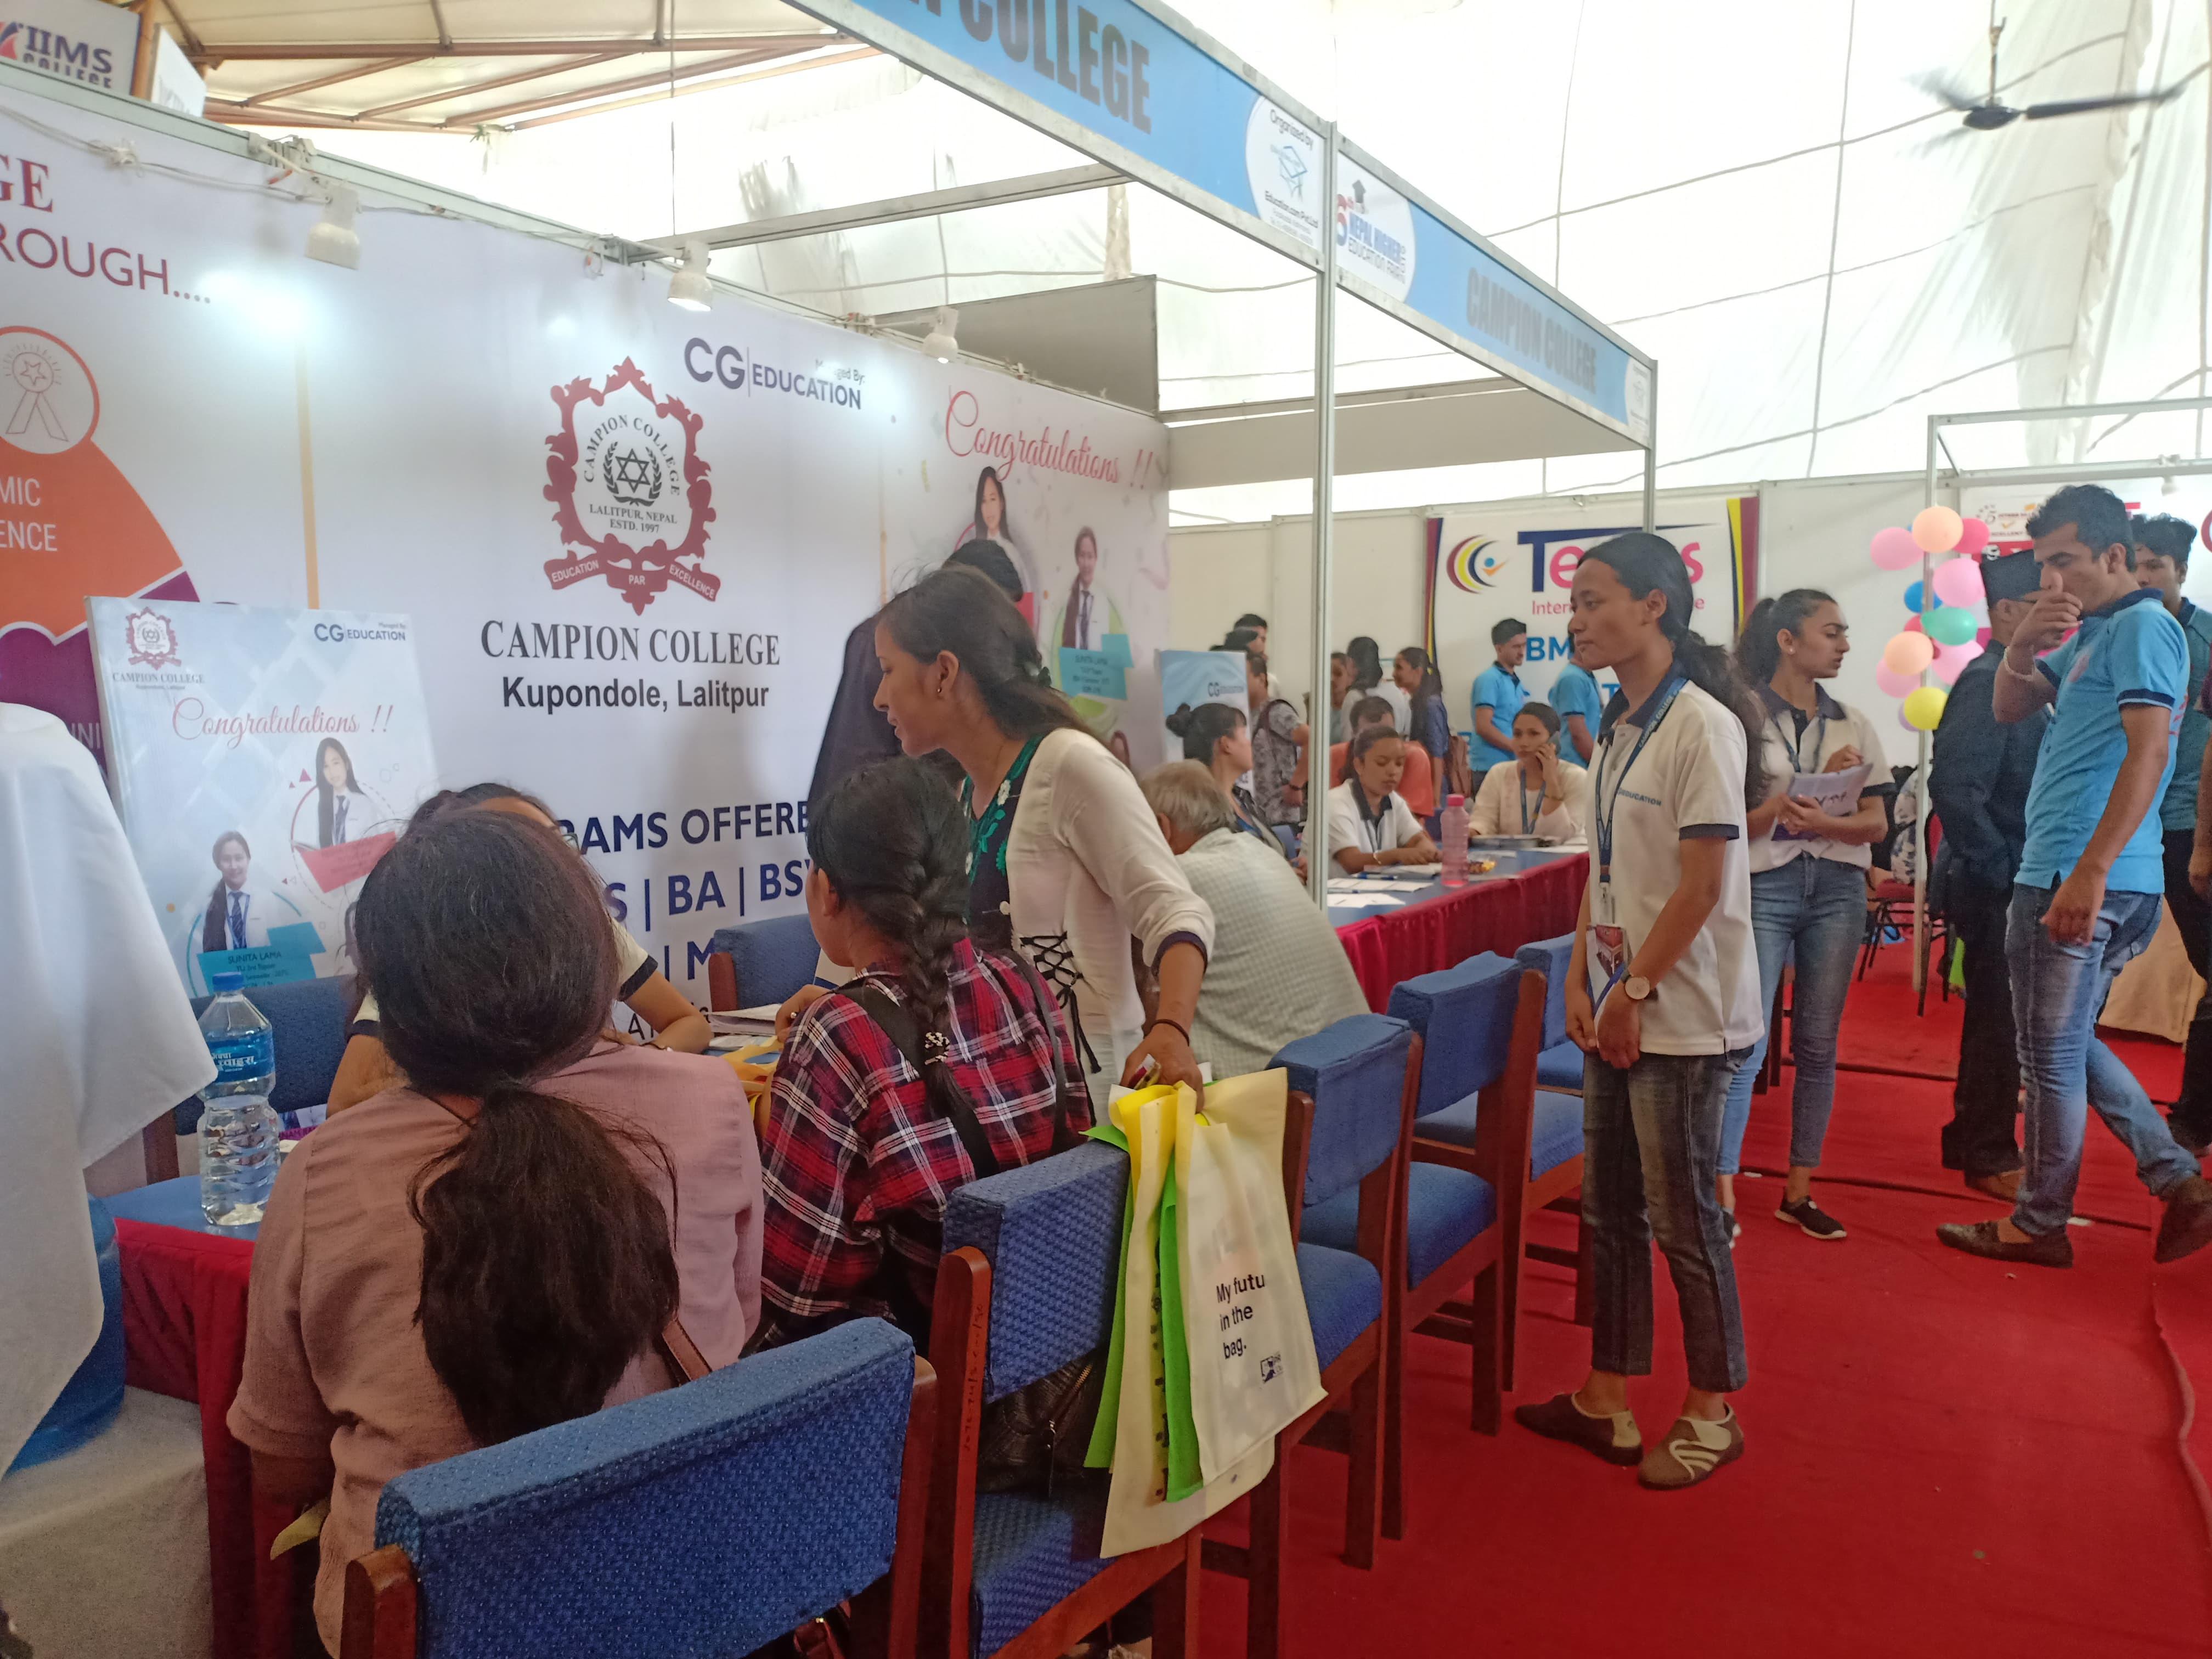 नेपाल हाइयर एजुकेशन फेयरमा विद्यार्थीको चासो